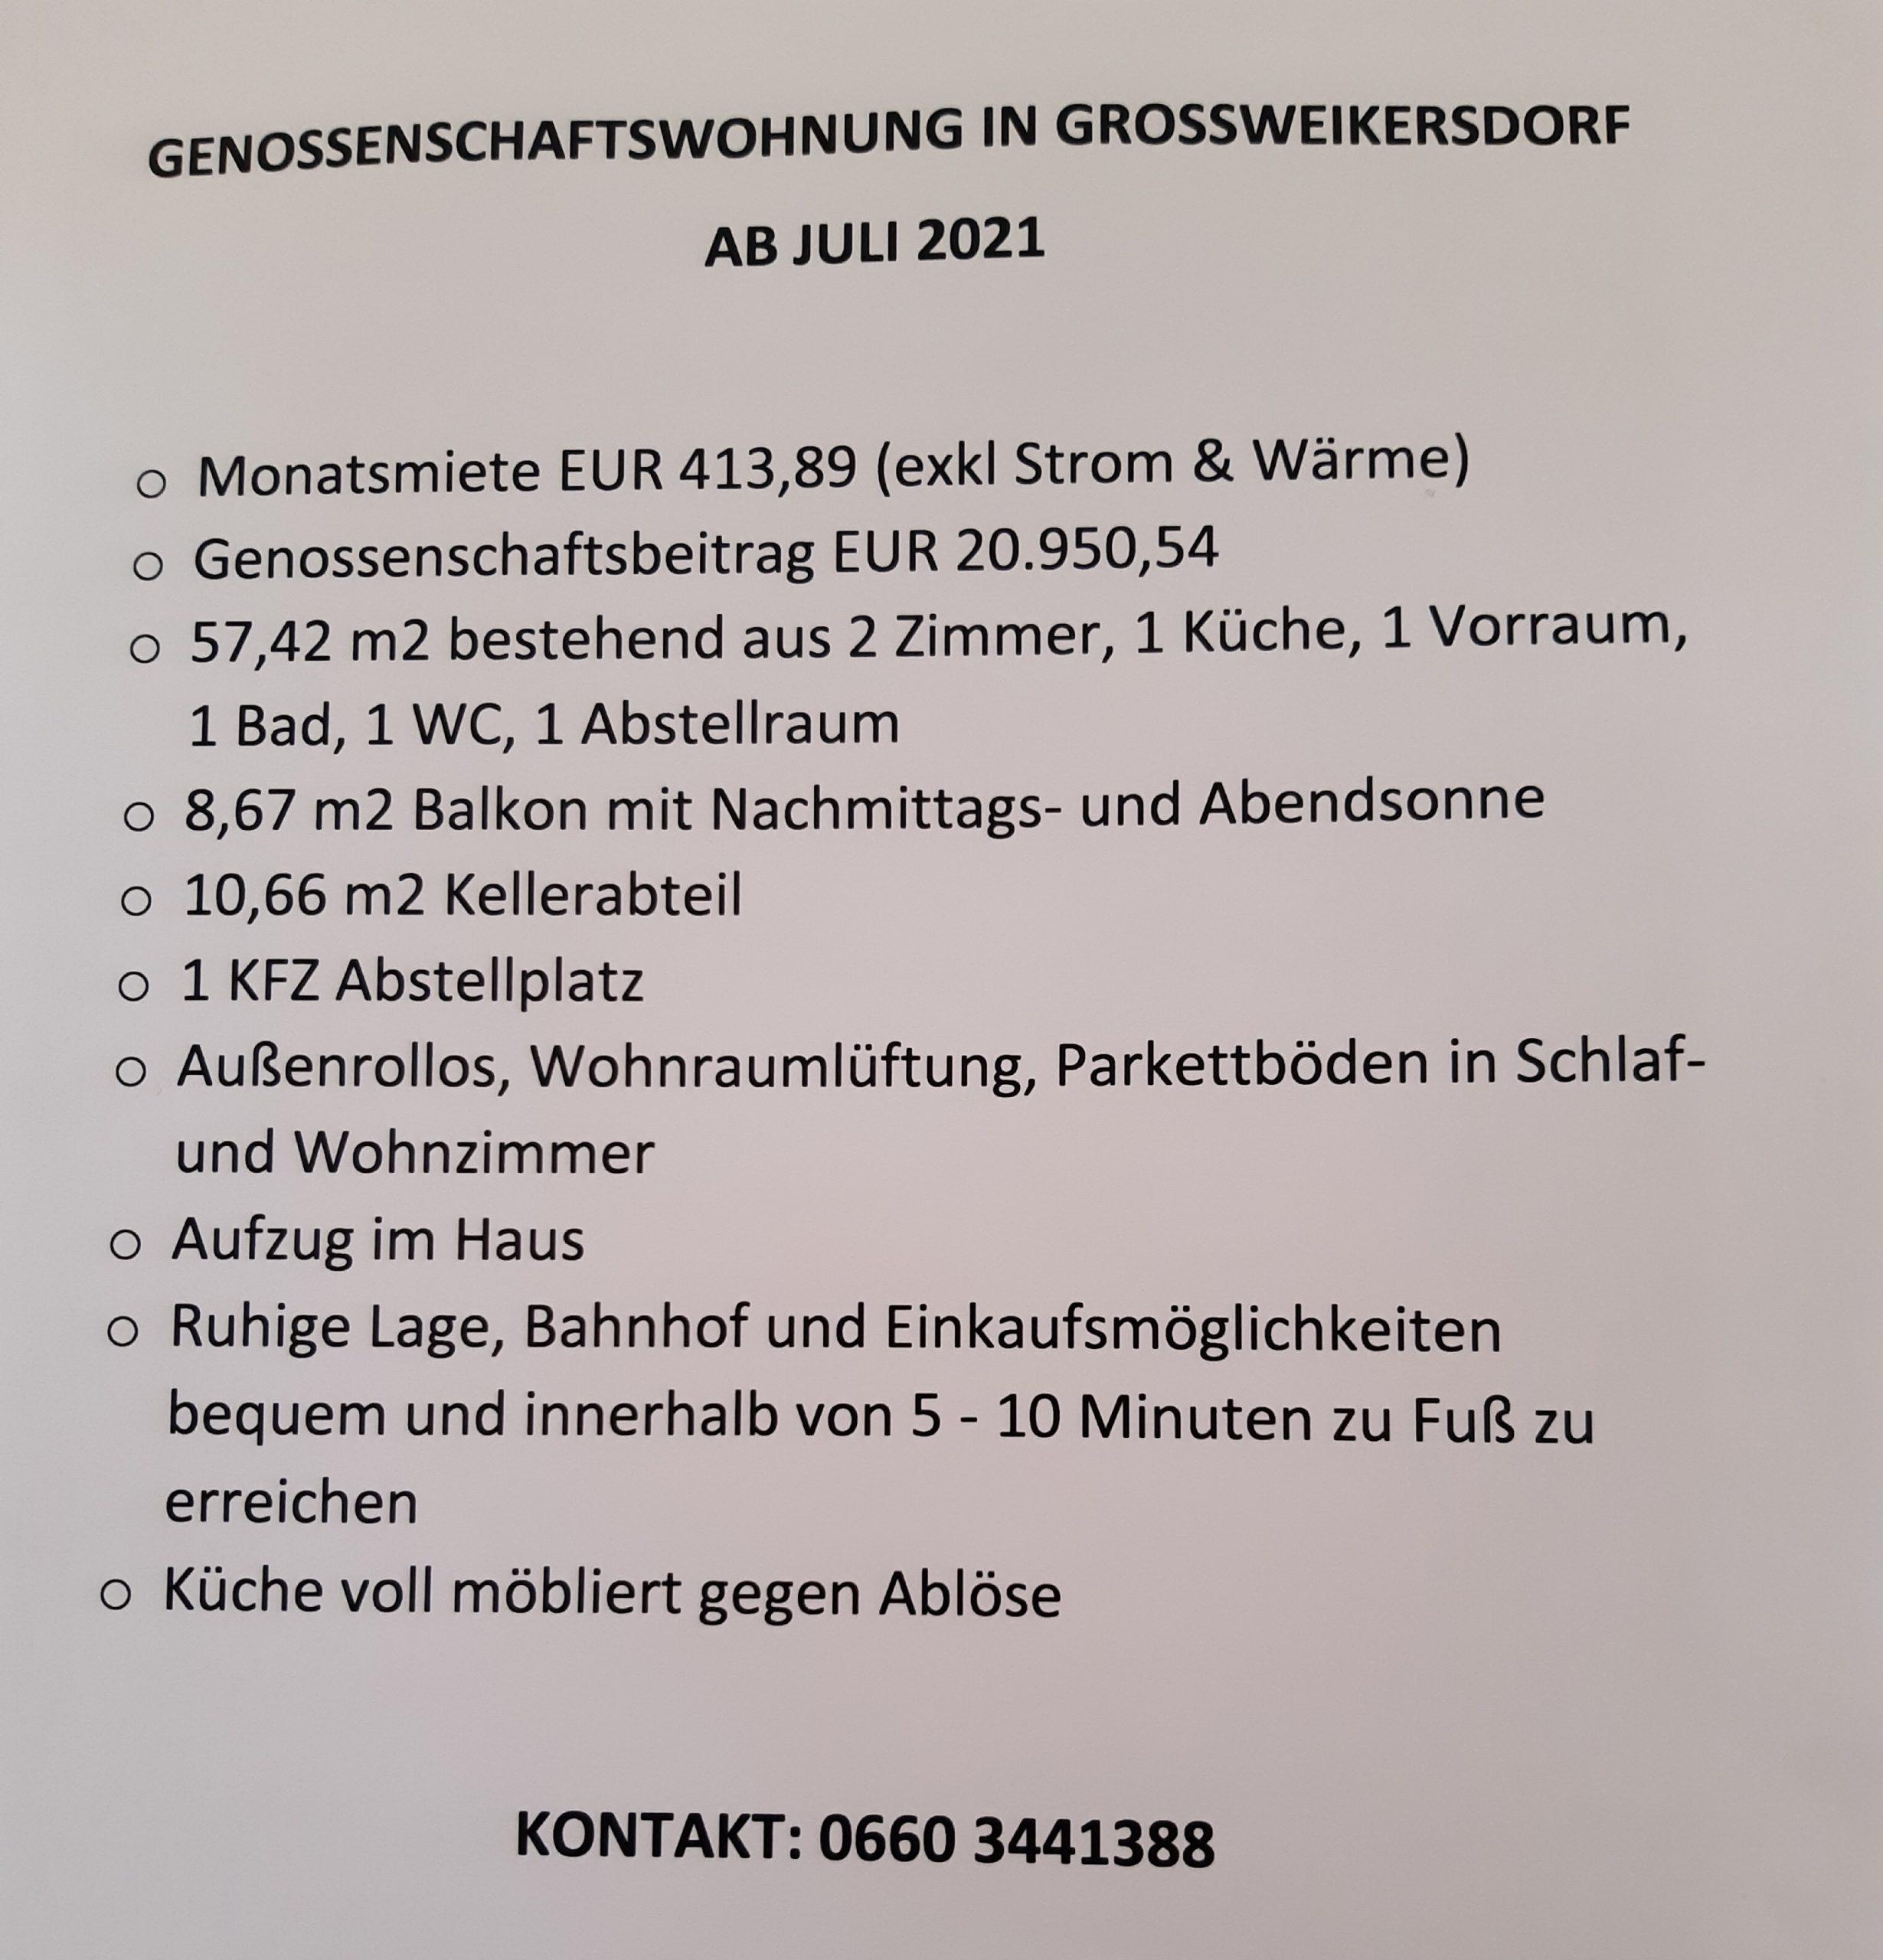 Immobilie von Kamptal in 3701 Großweikersdorf, Tulln, Großweikersdorf I/2 - Top 7 #6